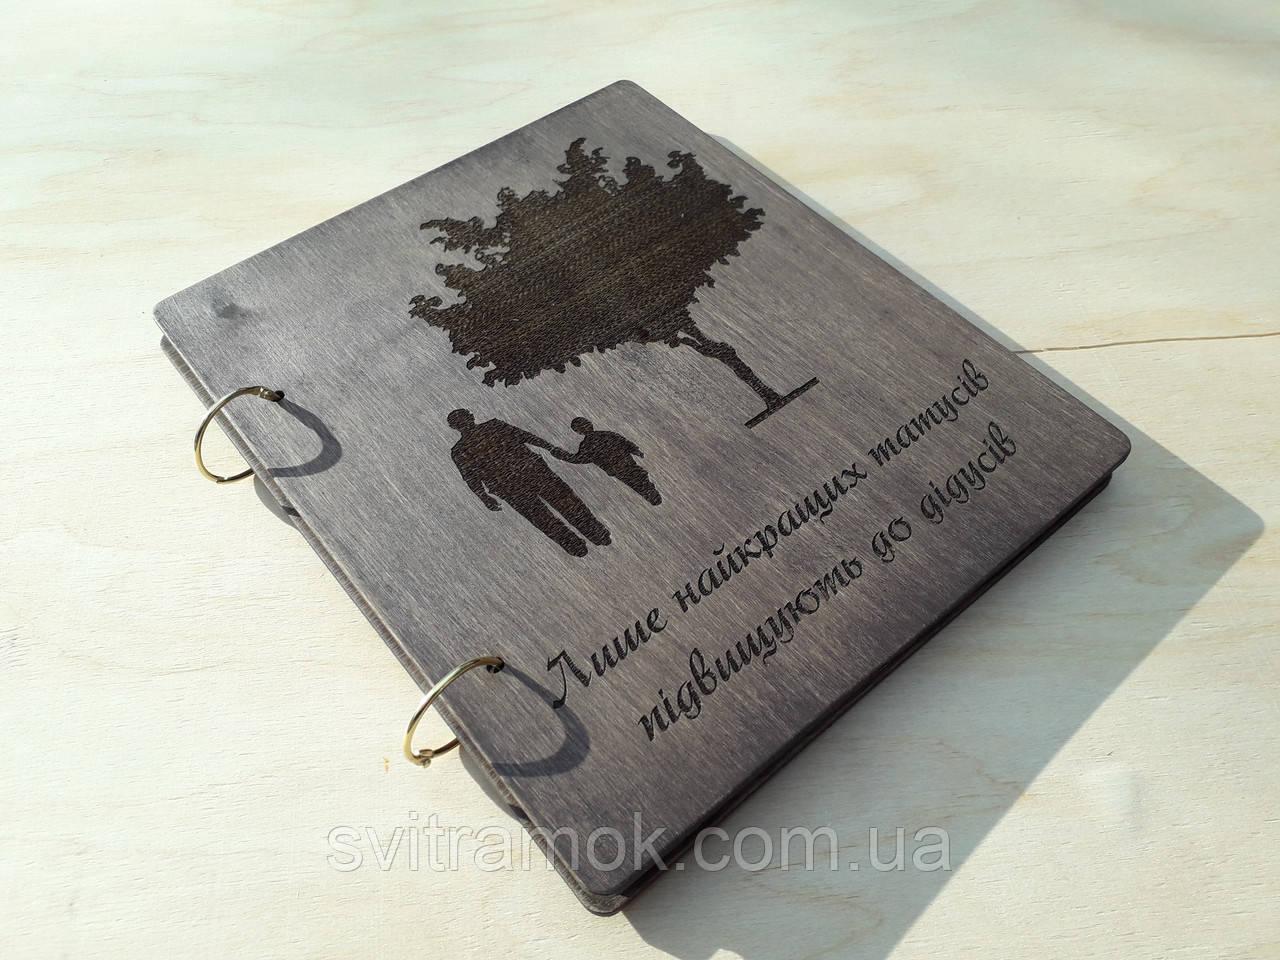 Фотоальбом з дерев'яними обкладинками для сімейних фото